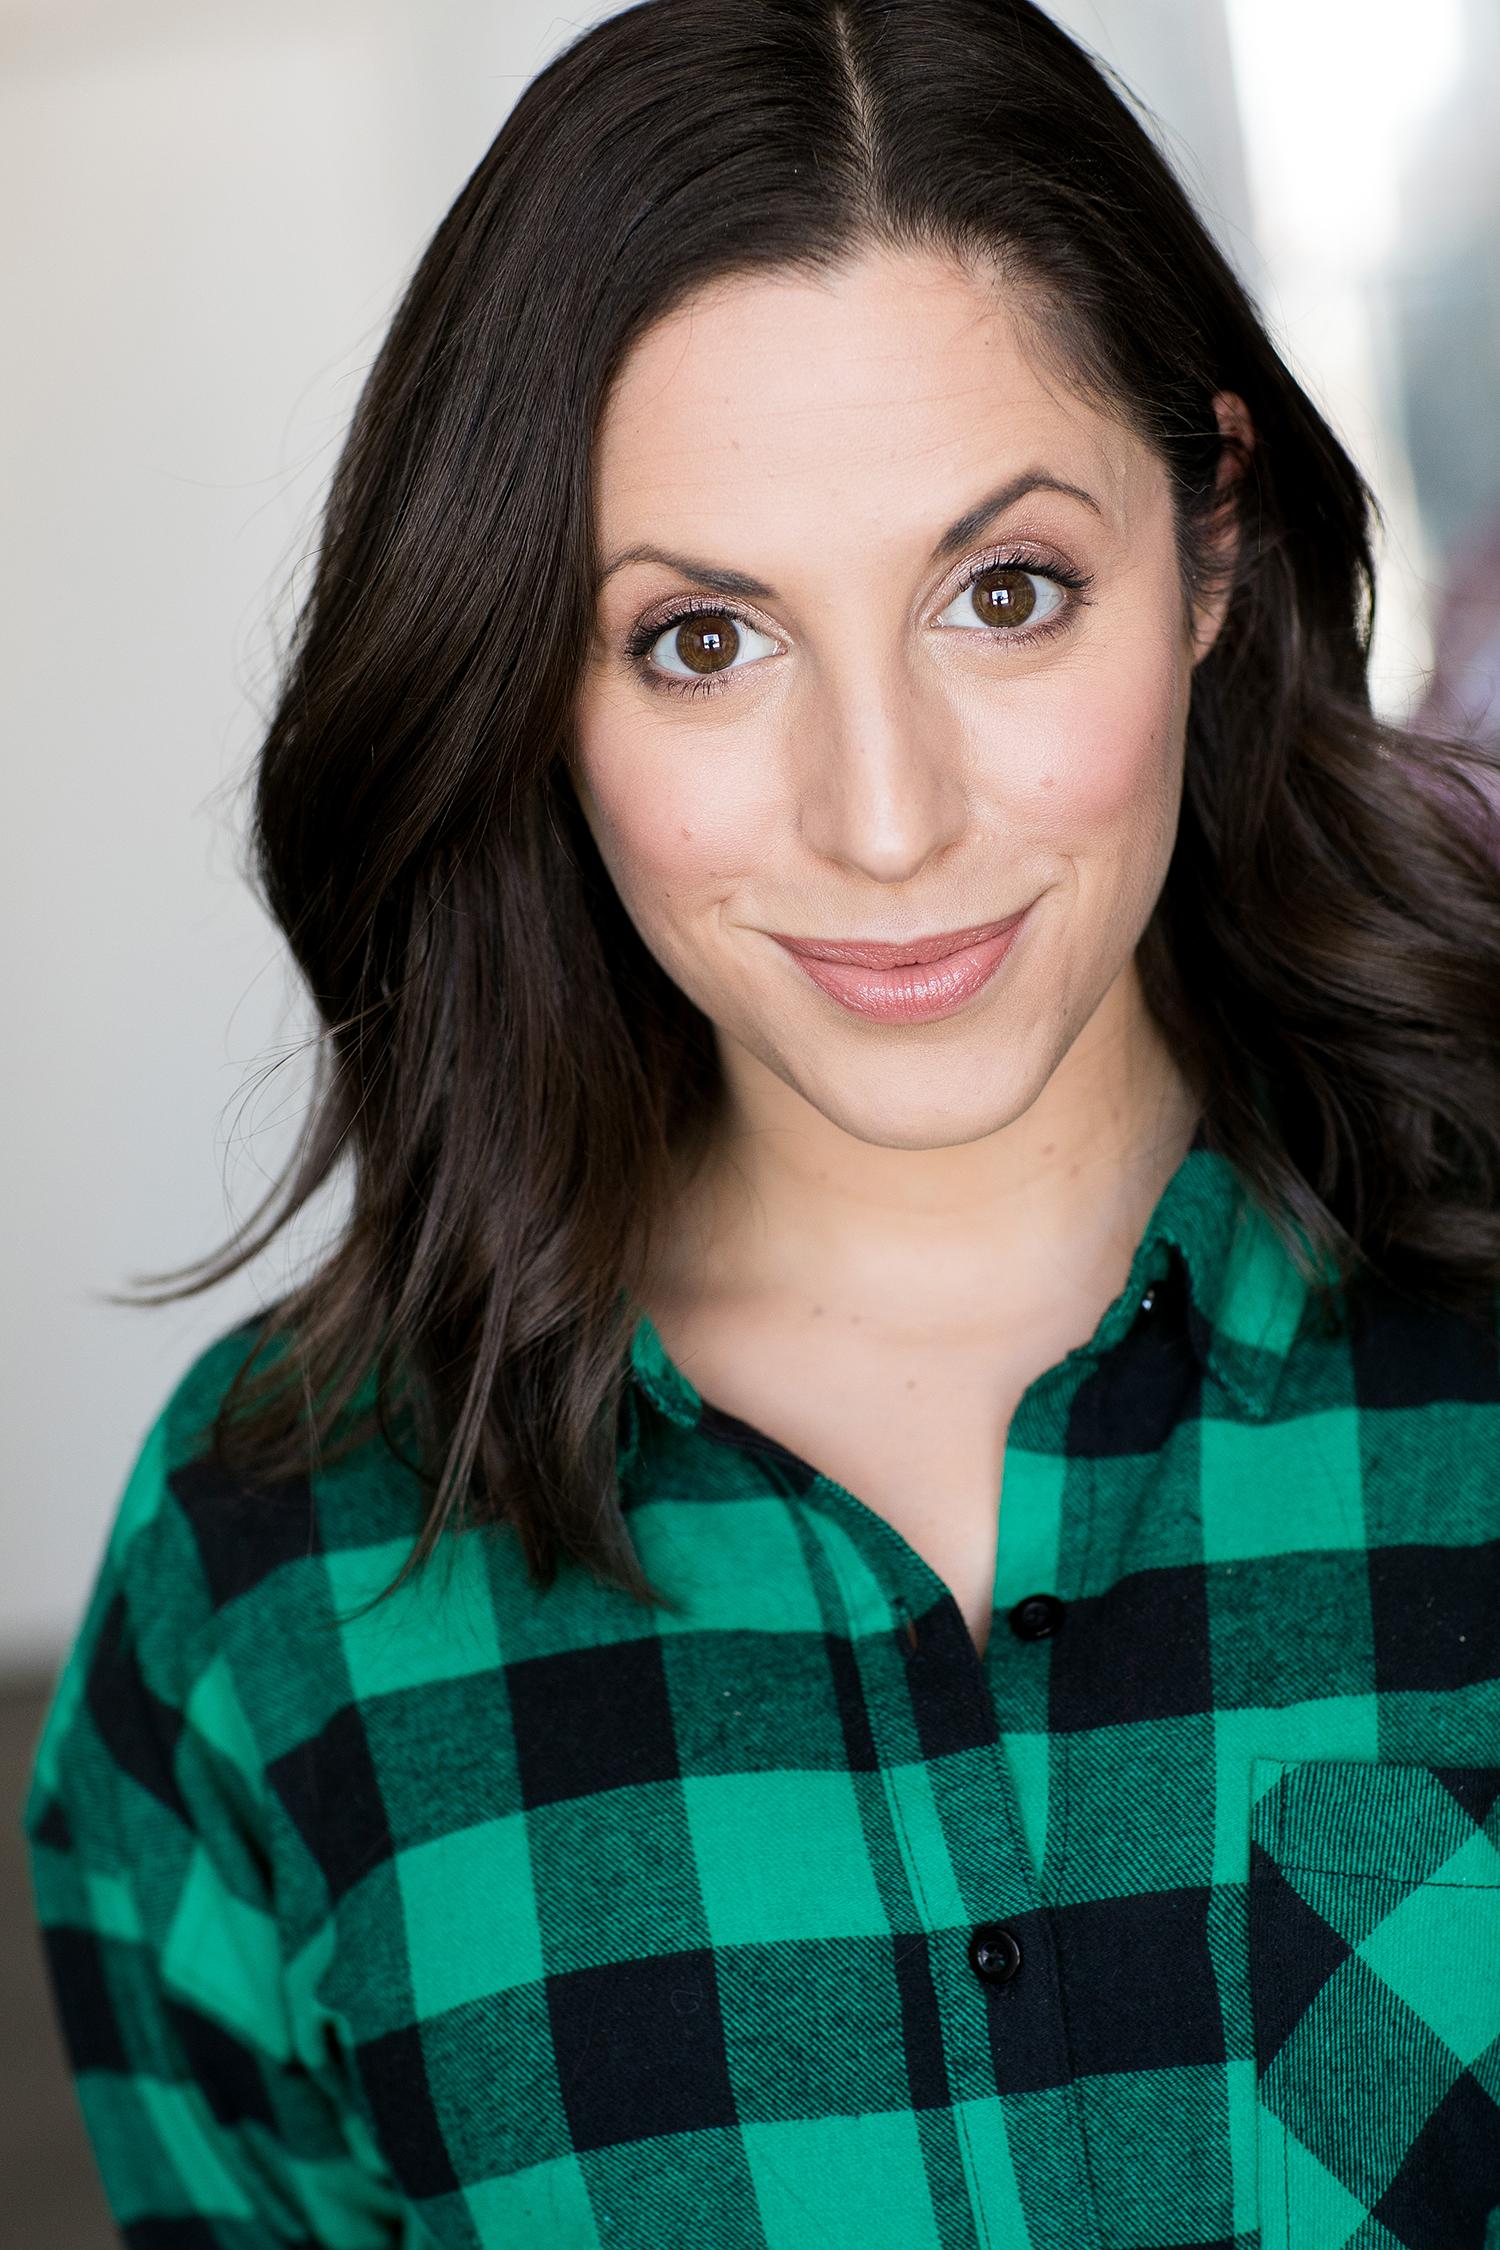 Amelia Meyers